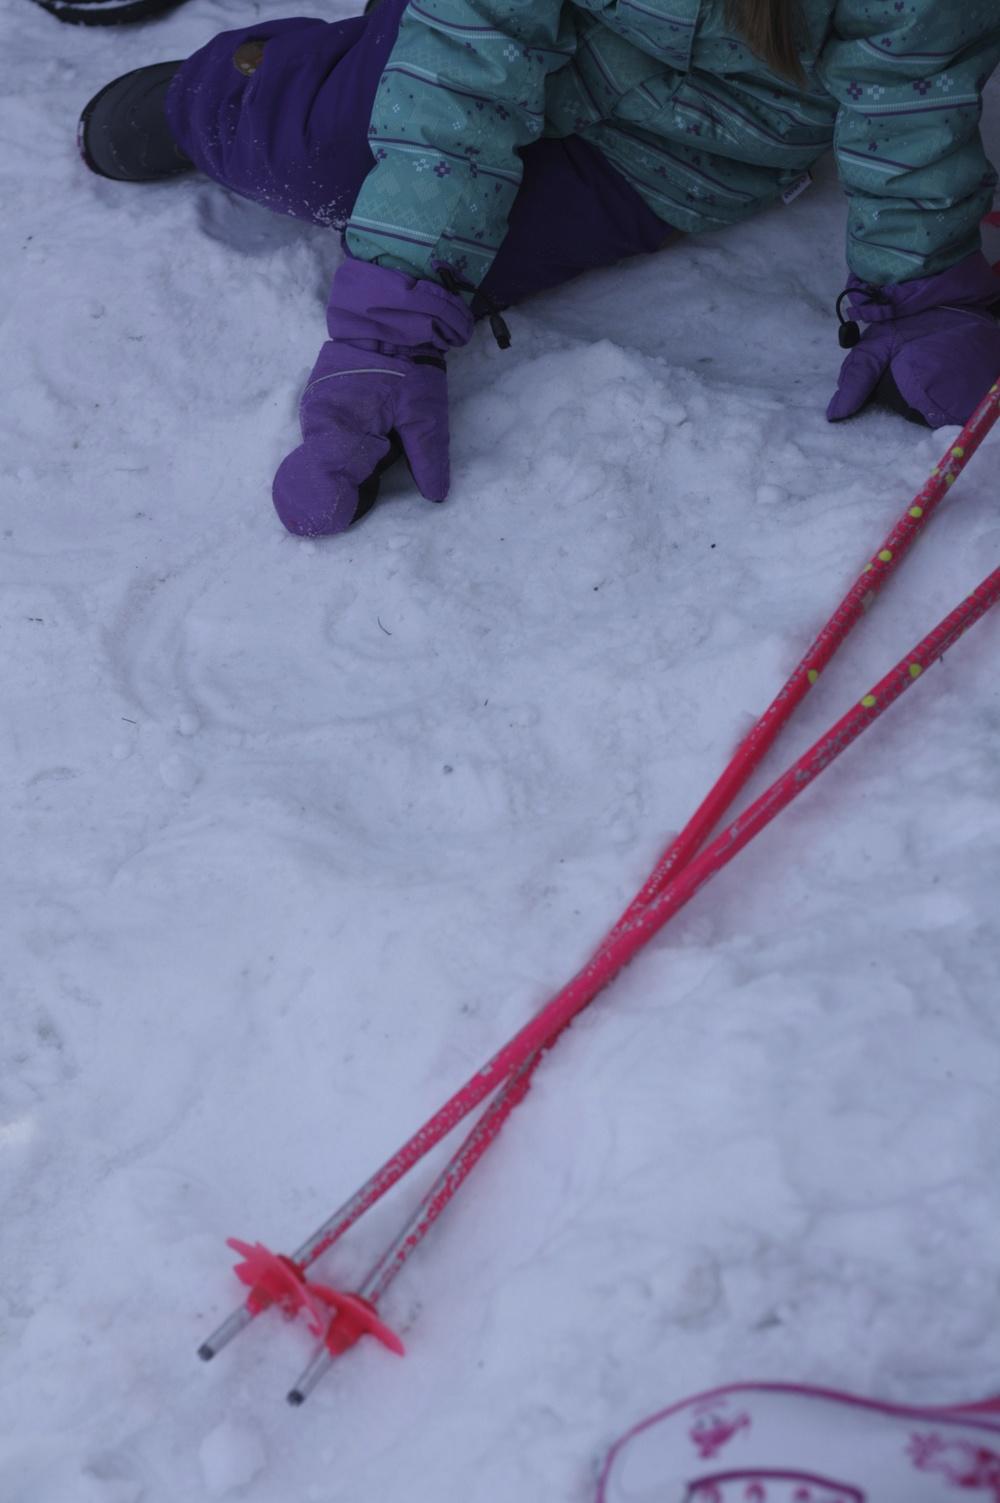 pink-skis.jpg